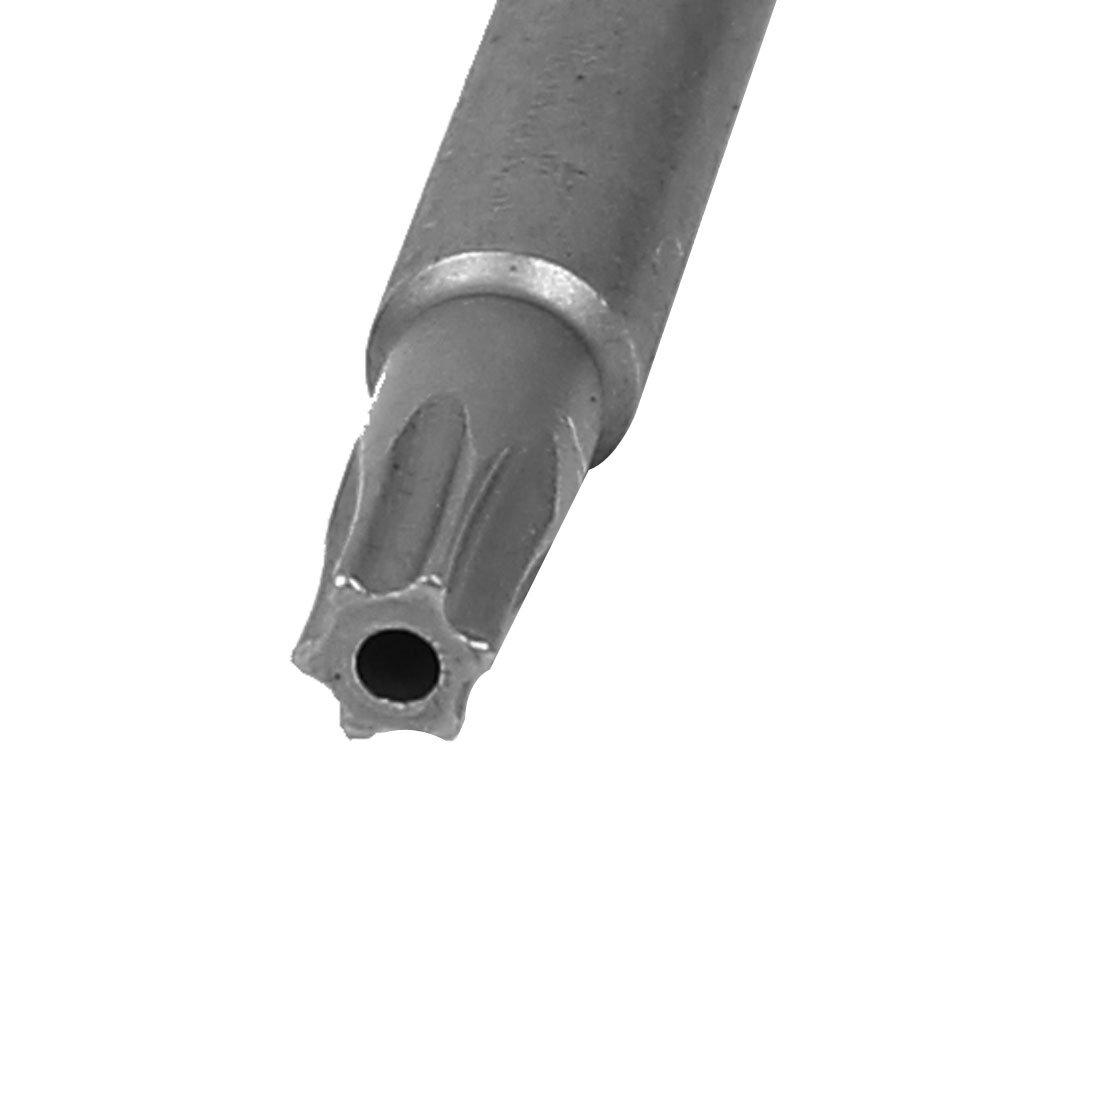 10Pcs 75mm Lang 1//4 Sechskantschaft T15 Tip Magnetik Torx Schraubendreher Bits de